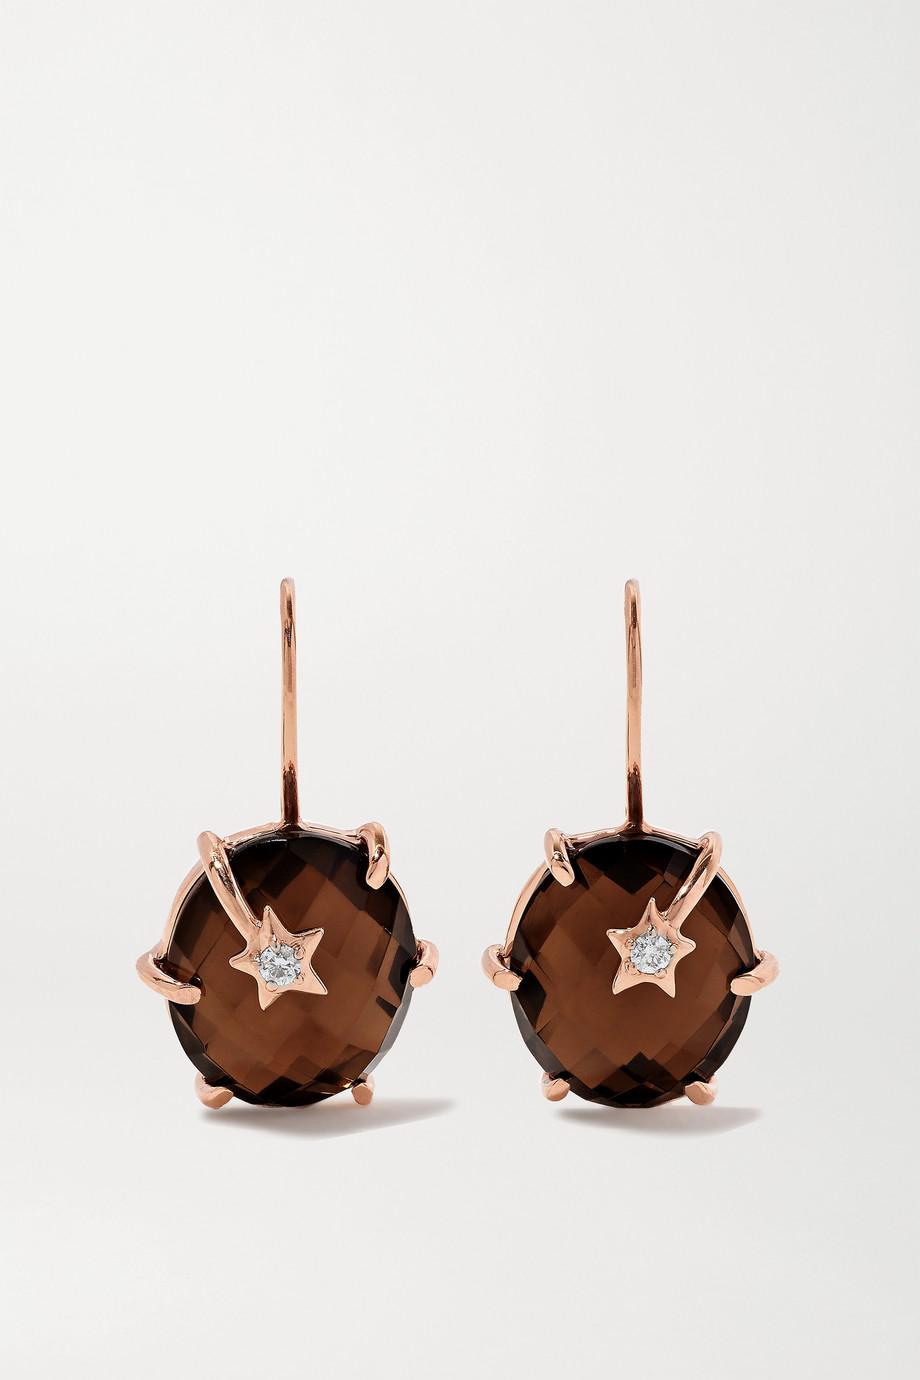 Andrea Fohrman Boucles d'oreilles en or rose 18 carats, quartz et diamants Galaxy Mini